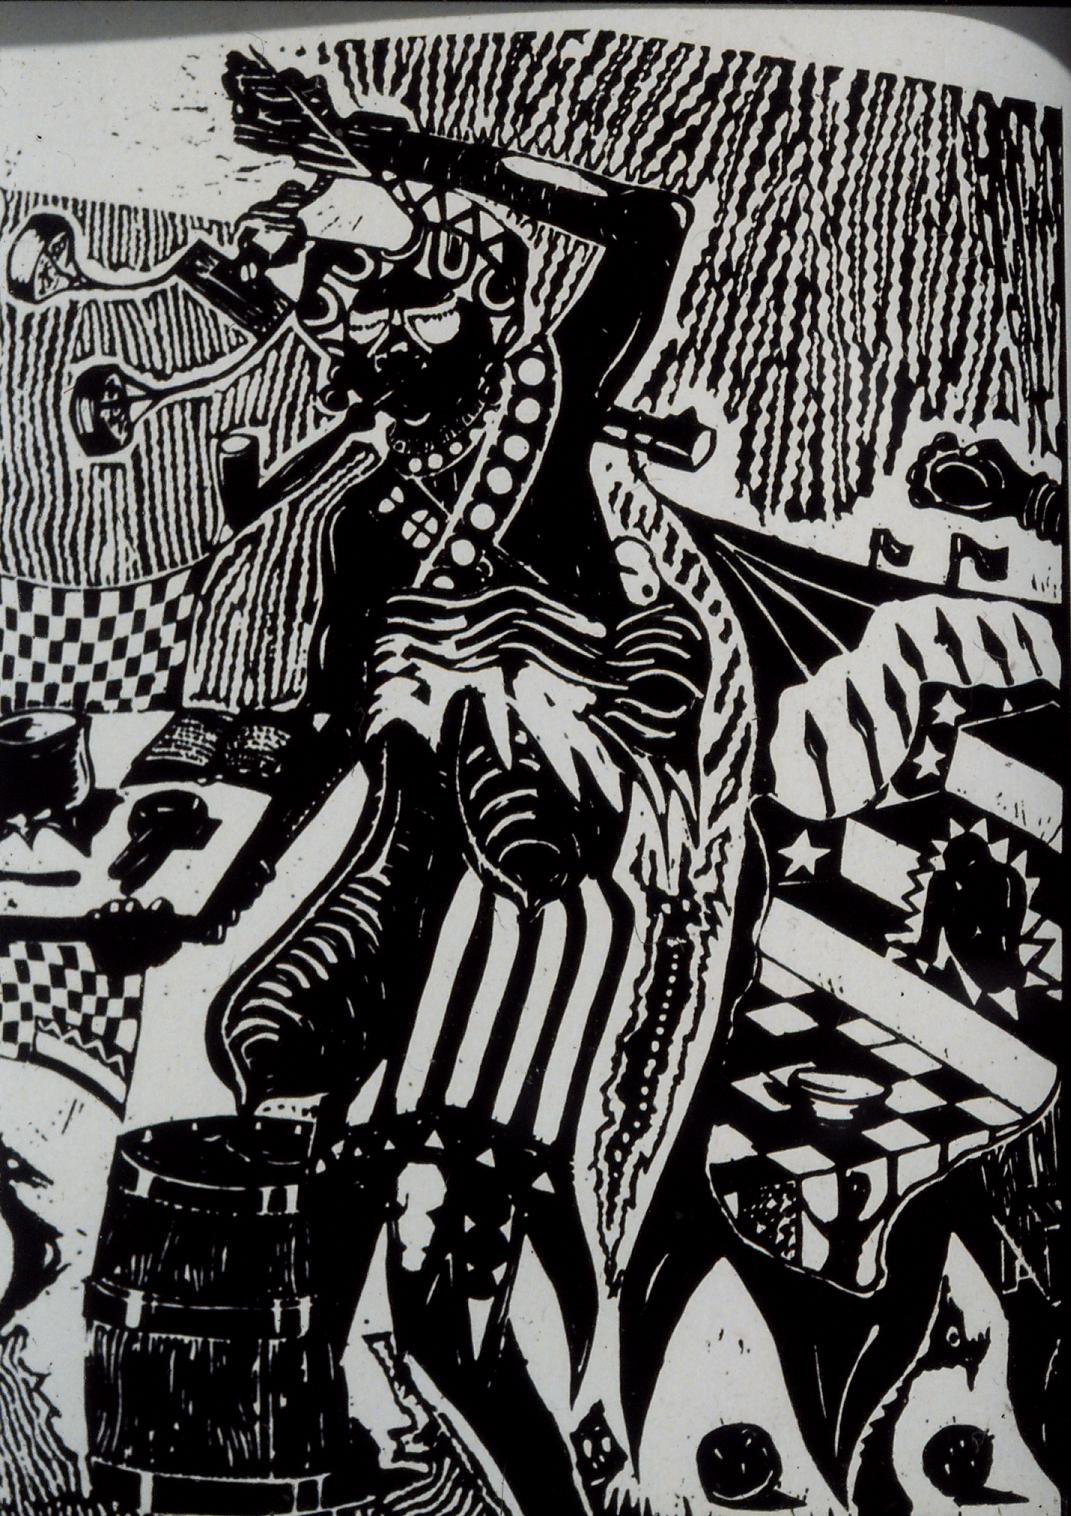 Billy Mandindi. Prophecy II, 1985. Linoleum relief print.